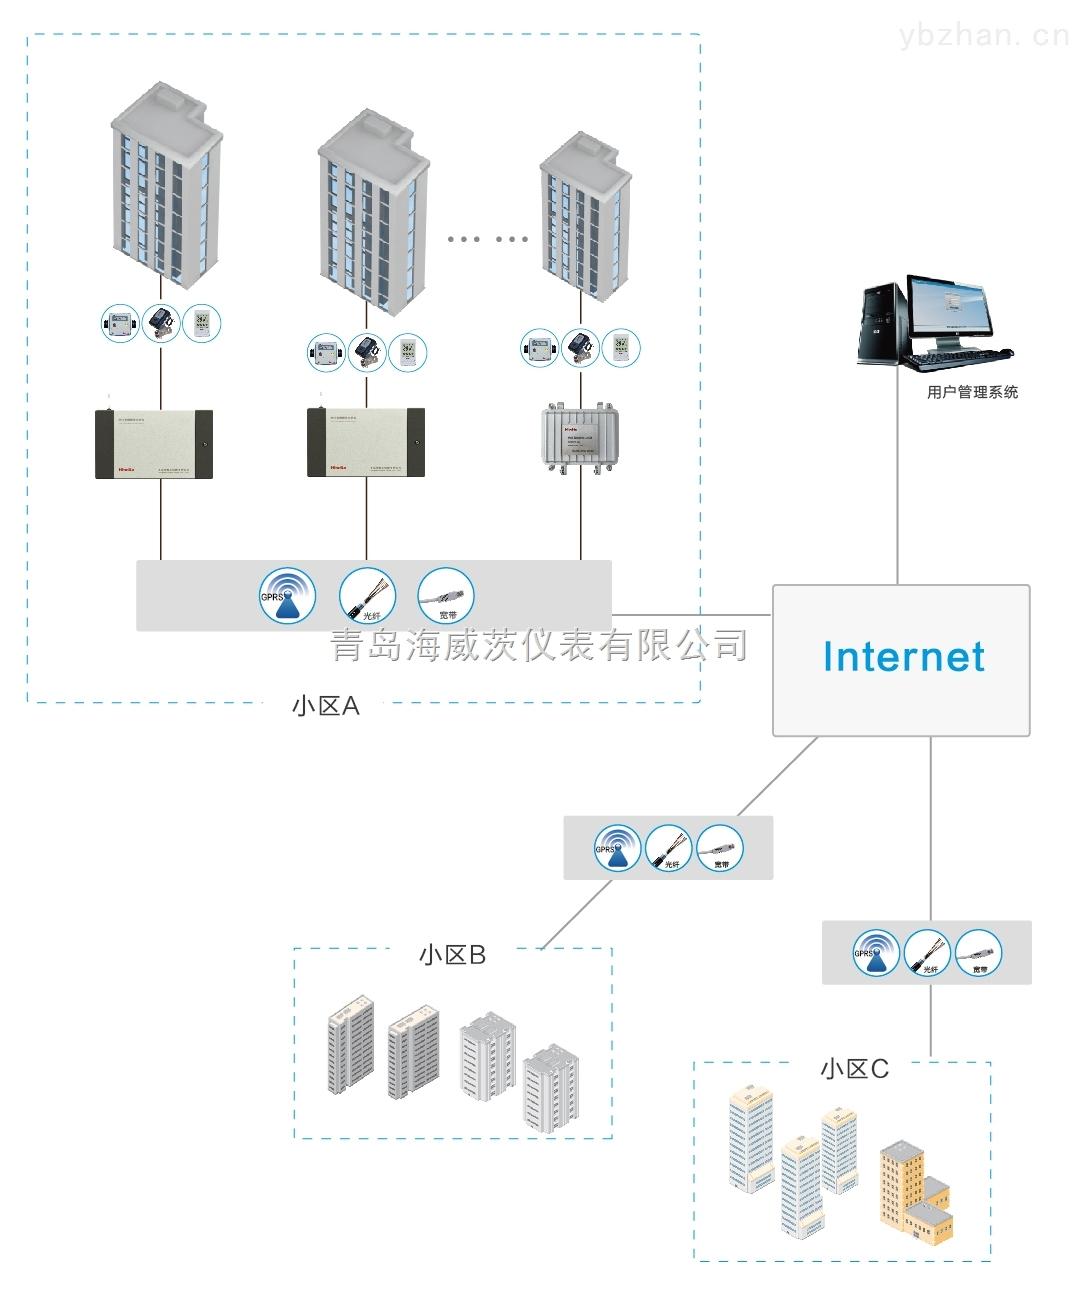 海威茨供热数据远传及管理系统